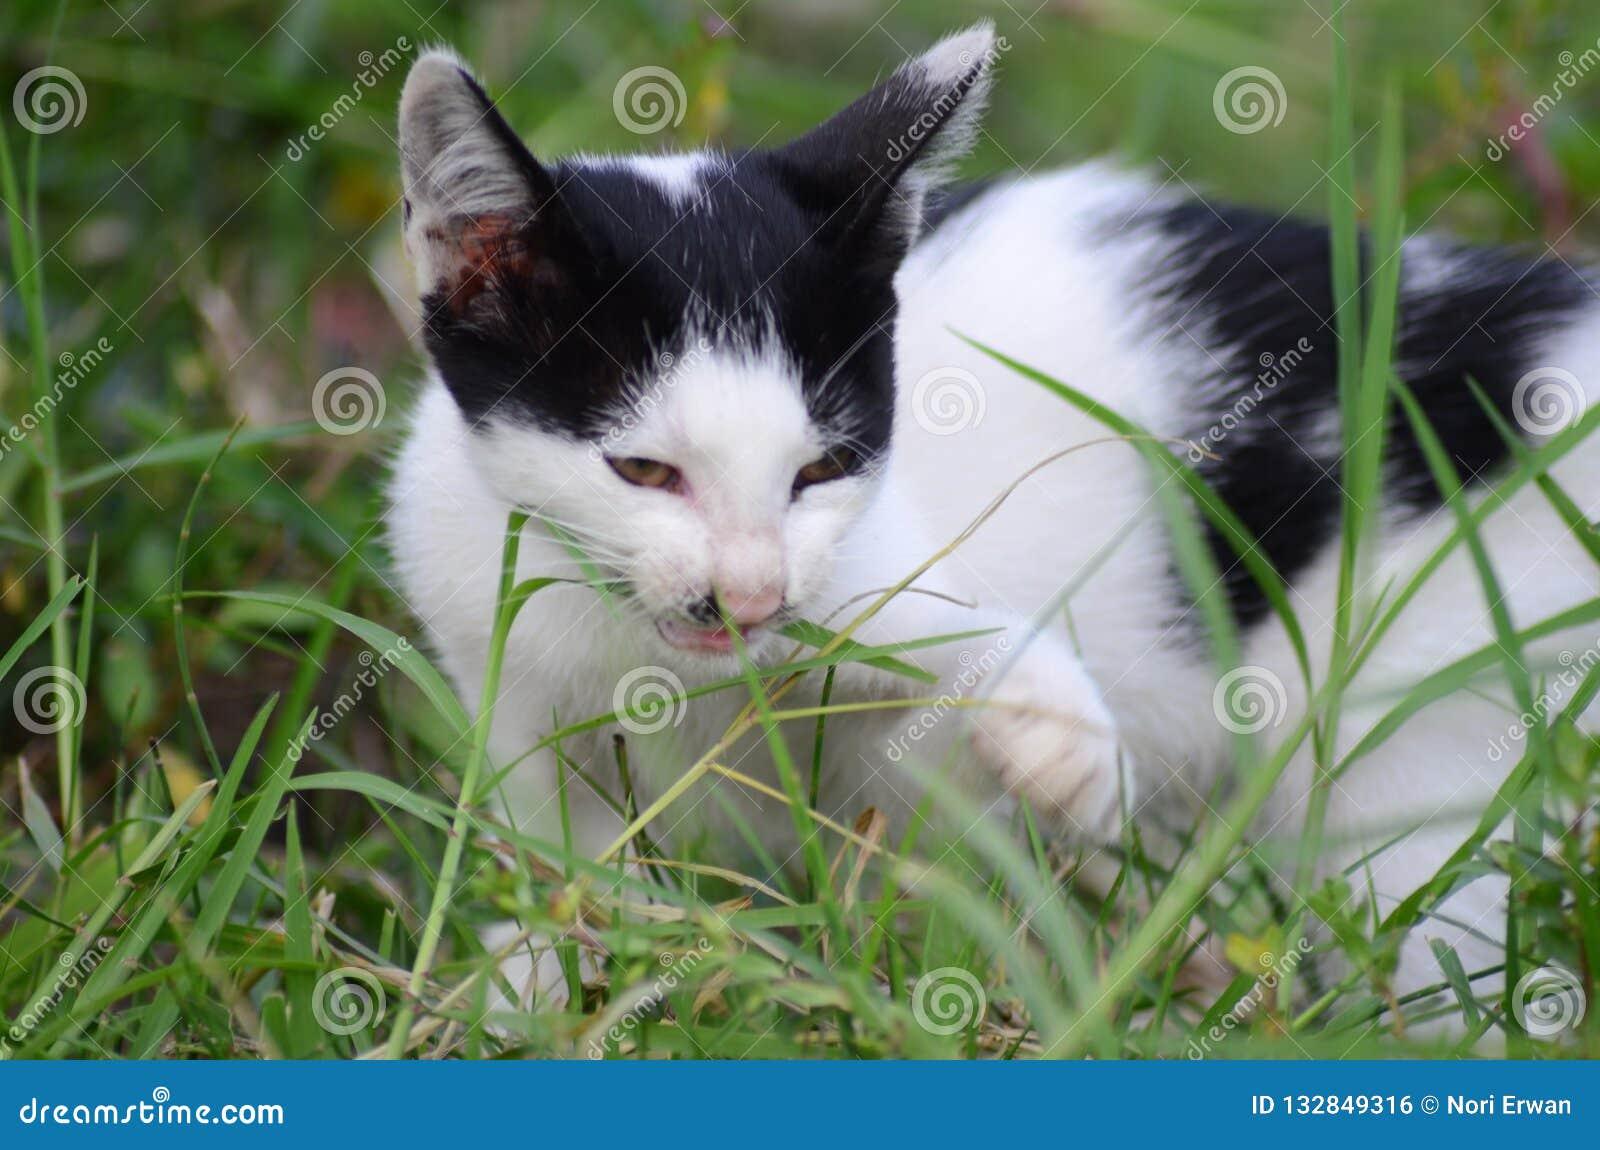 Anscheinend mögen Katzen auch Gras essen